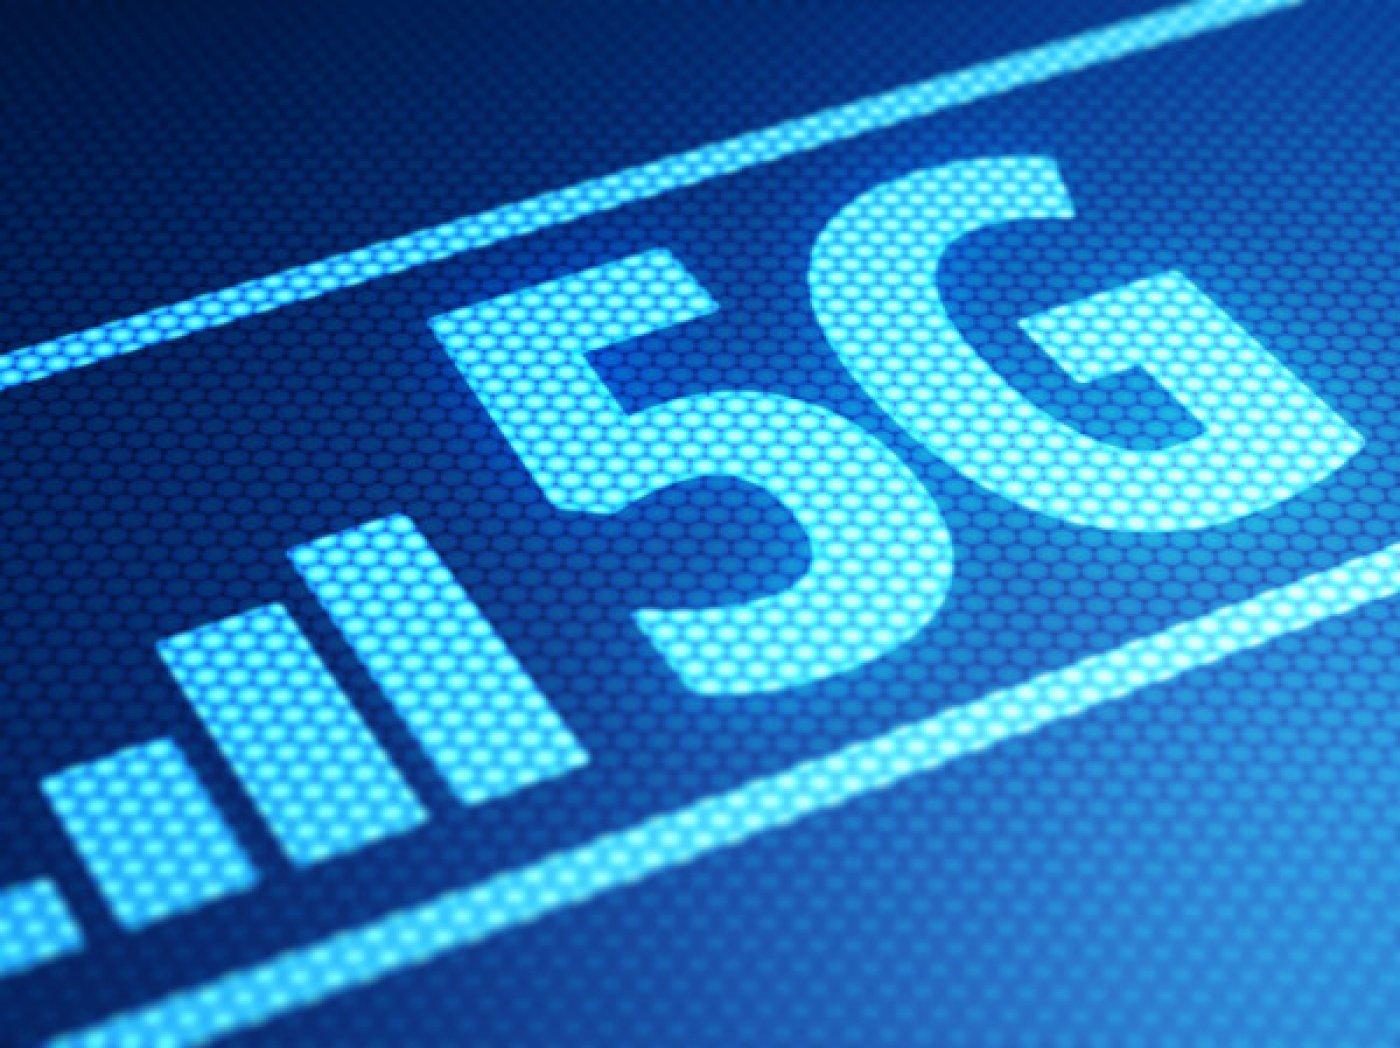 نگاهی کوتاه به شبکه ارتباطی 5G و ویژگی های اصلی آن